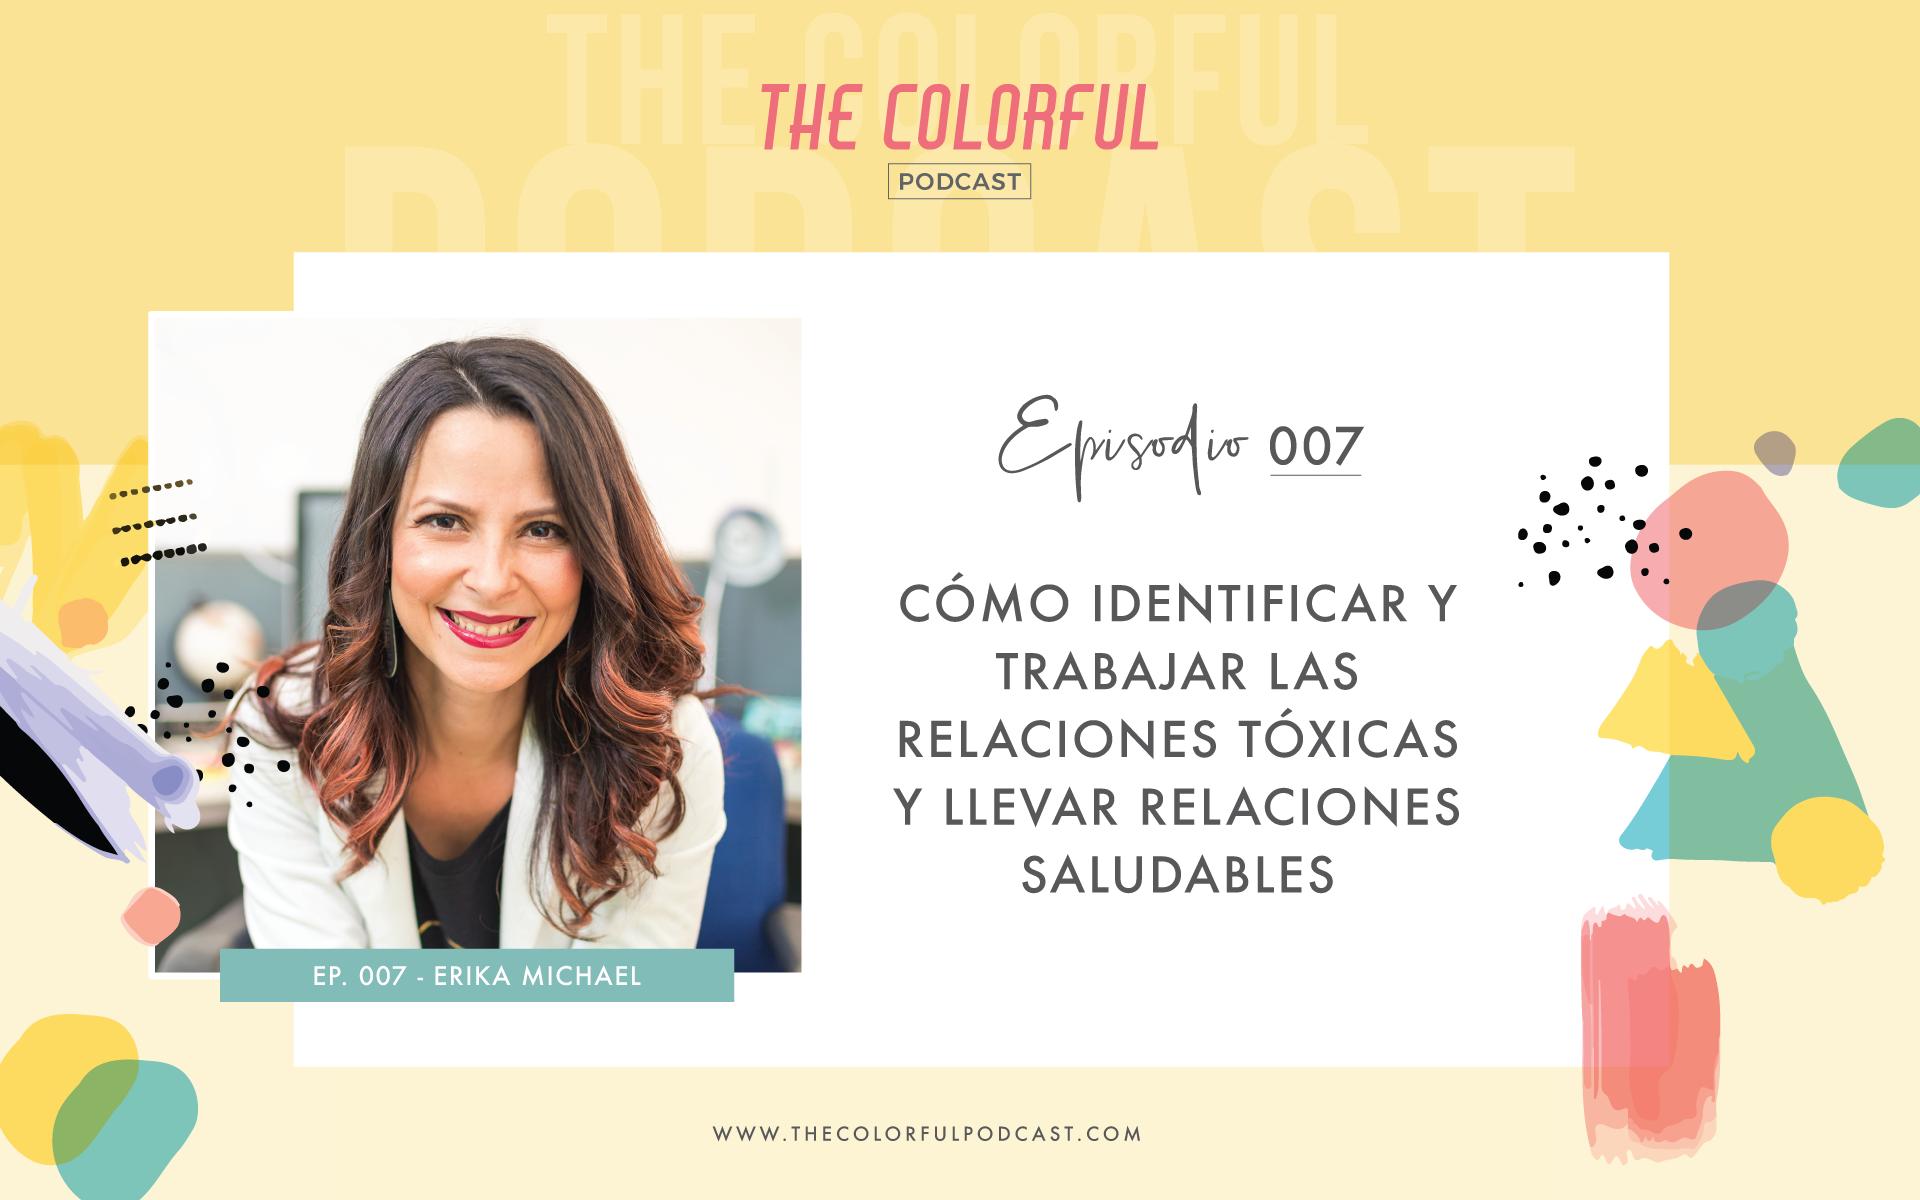 Cómo identificar y trabajar las relaciones tóxicas y llevar relaciones saludables con Erika Michael